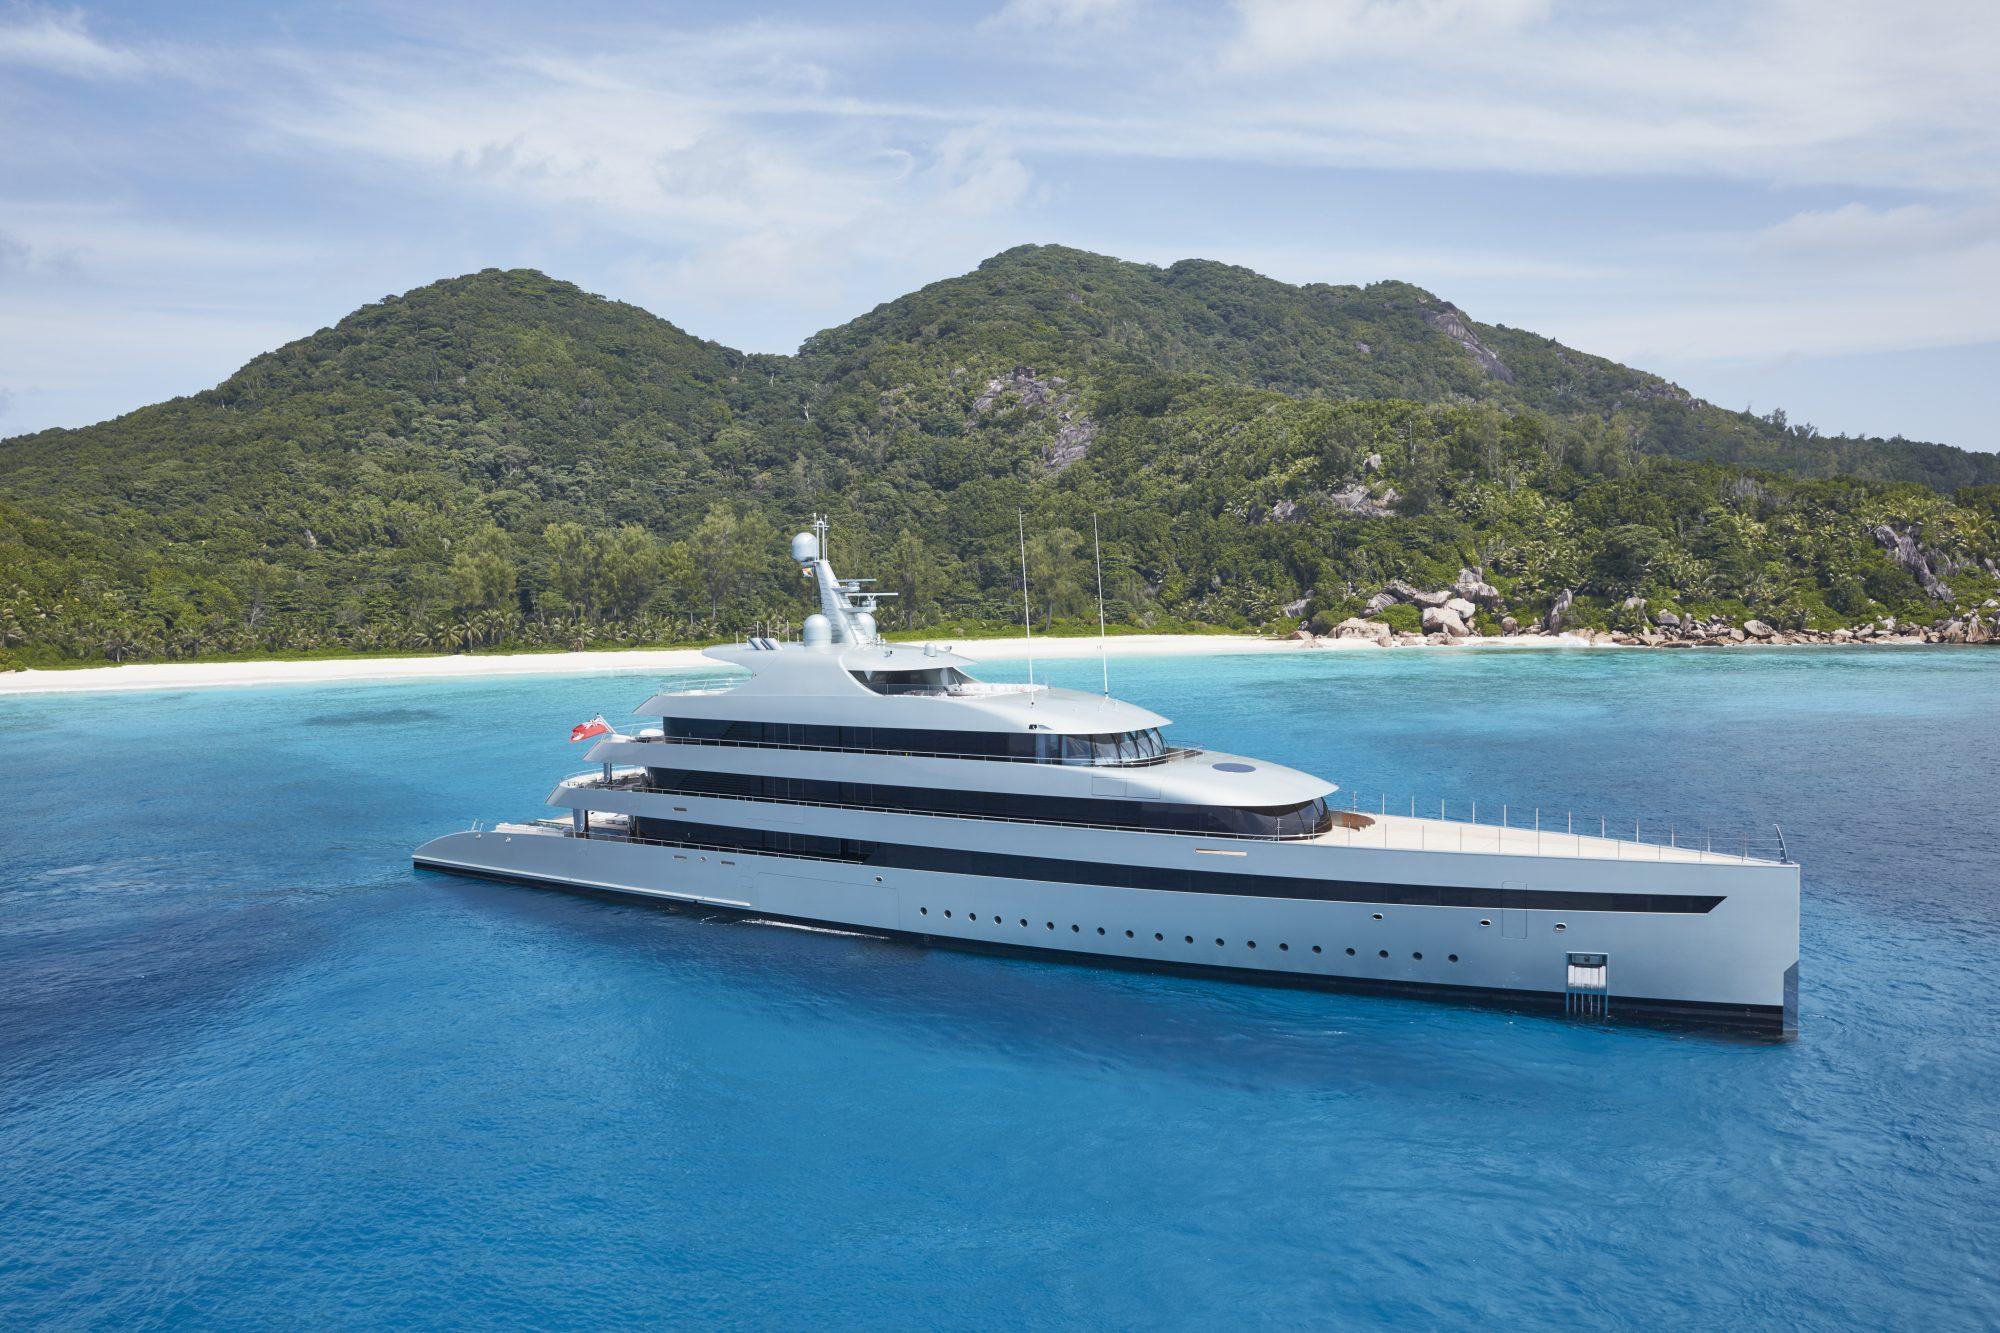 savannah yacht for charter